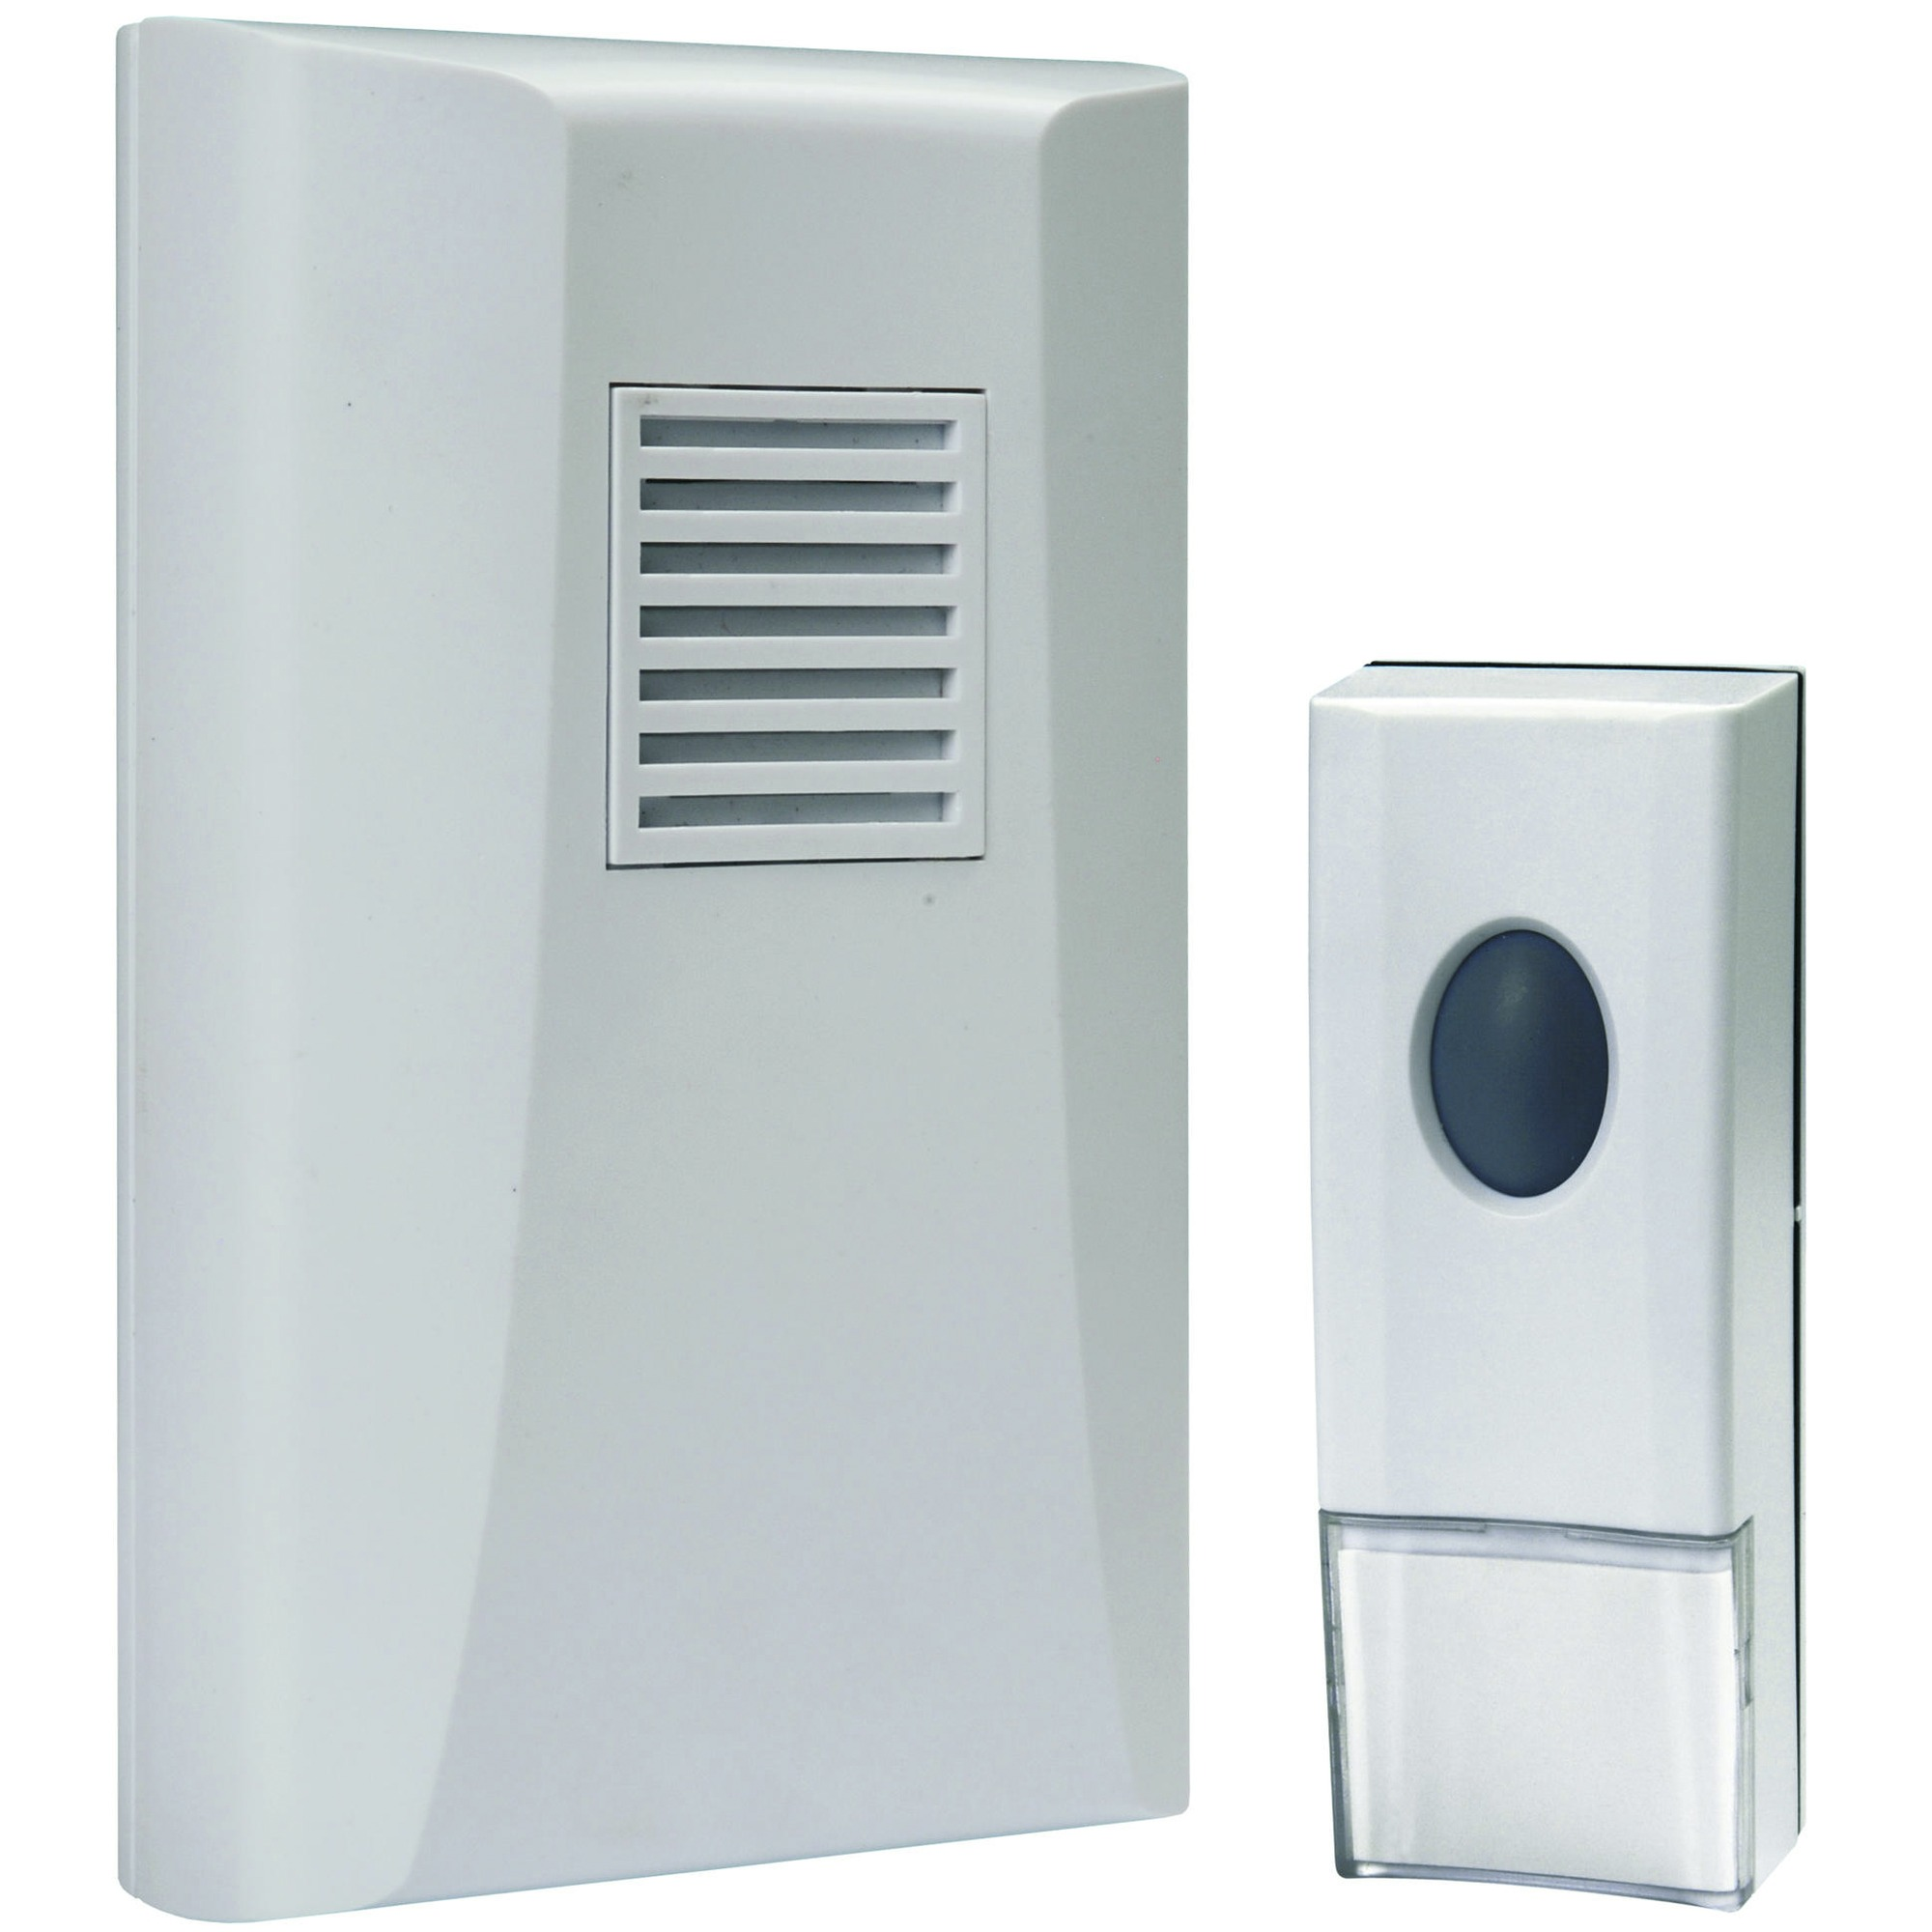 sonnette sans fil elro sonnettes intercom quincaillerie porte portes et fen tres. Black Bedroom Furniture Sets. Home Design Ideas